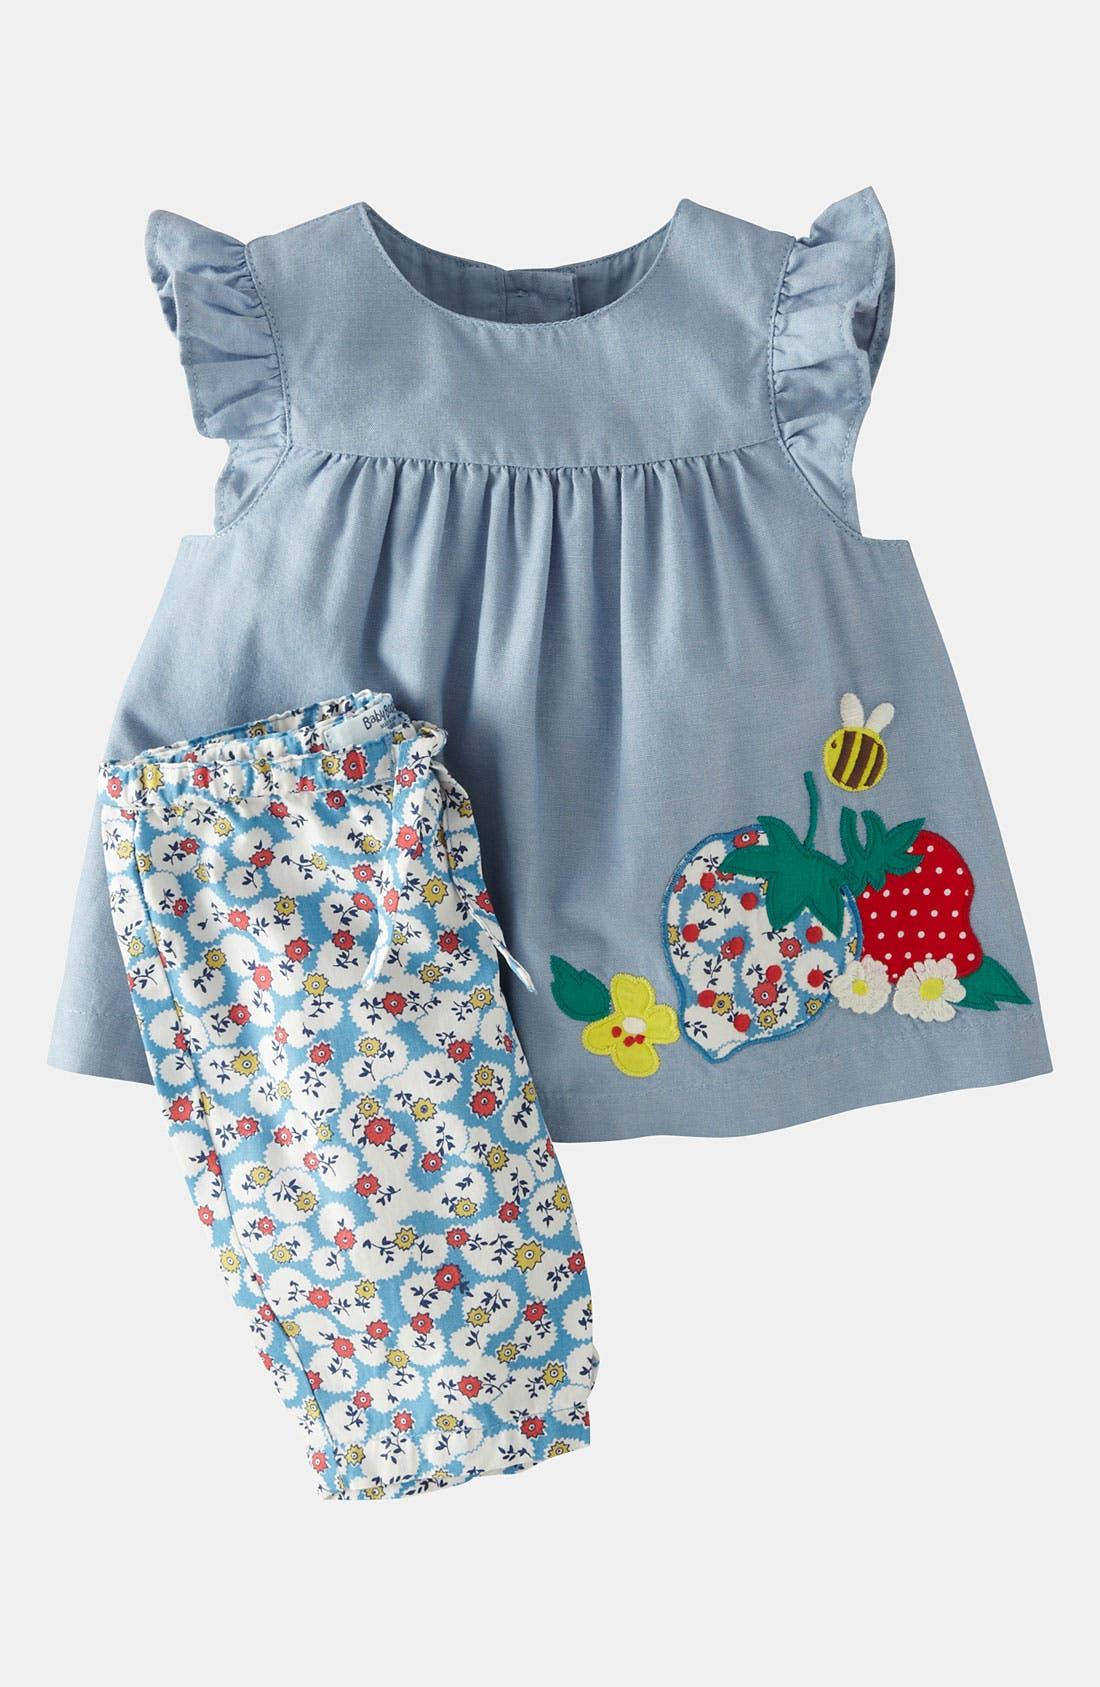 Main Image - Mini Boden Appliqué Dress & Leggings (Baby Girls)